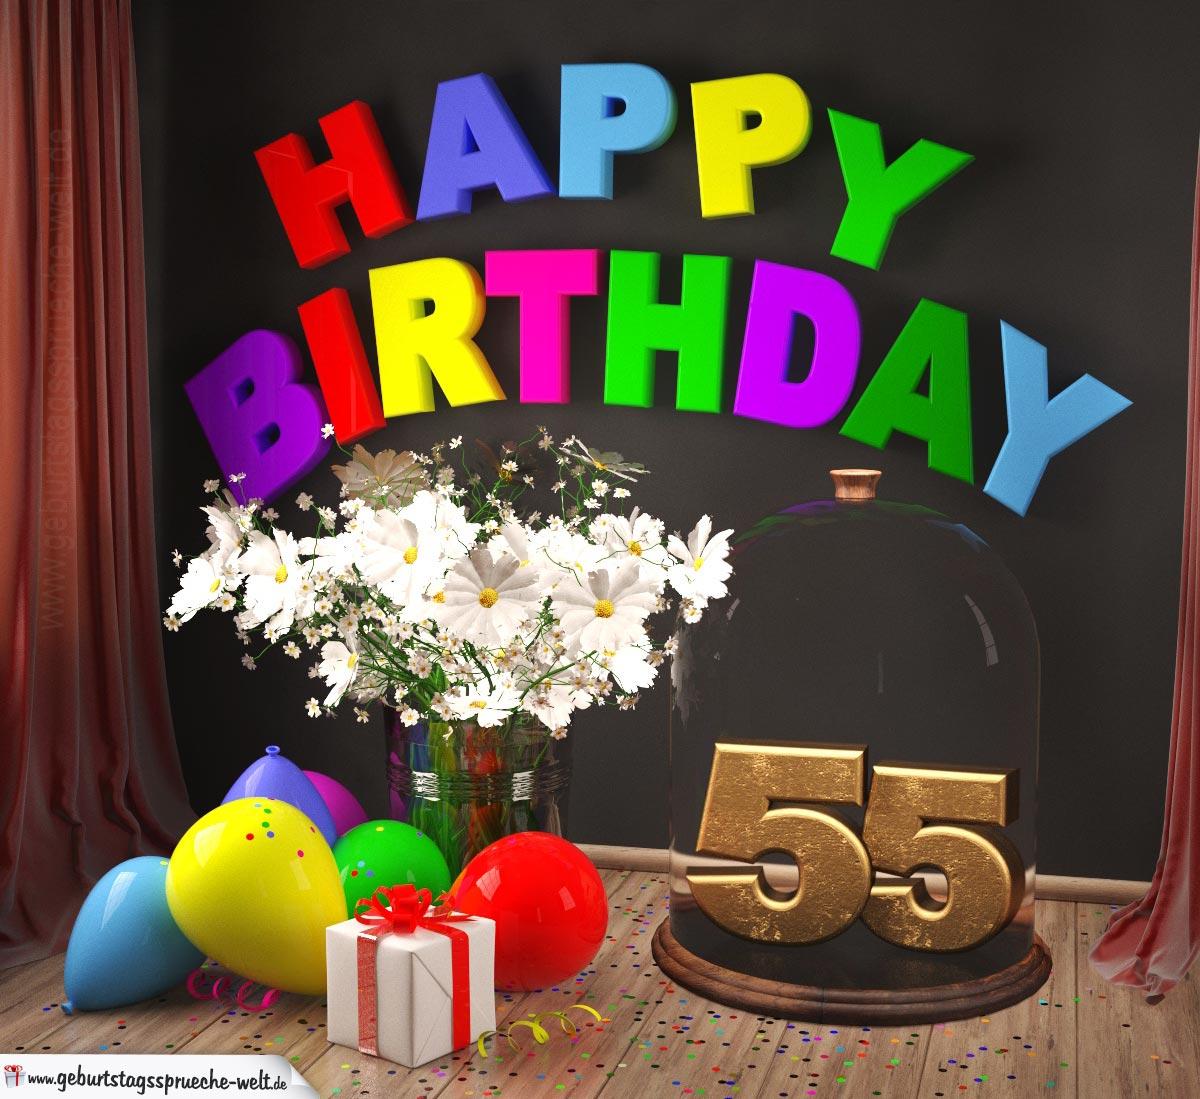 Happy Birthday 55 Jahre Gluckwunschkarte Mit Margeriten Blumenstrauss Luftballons Und Geschenk Unter Glasglocke